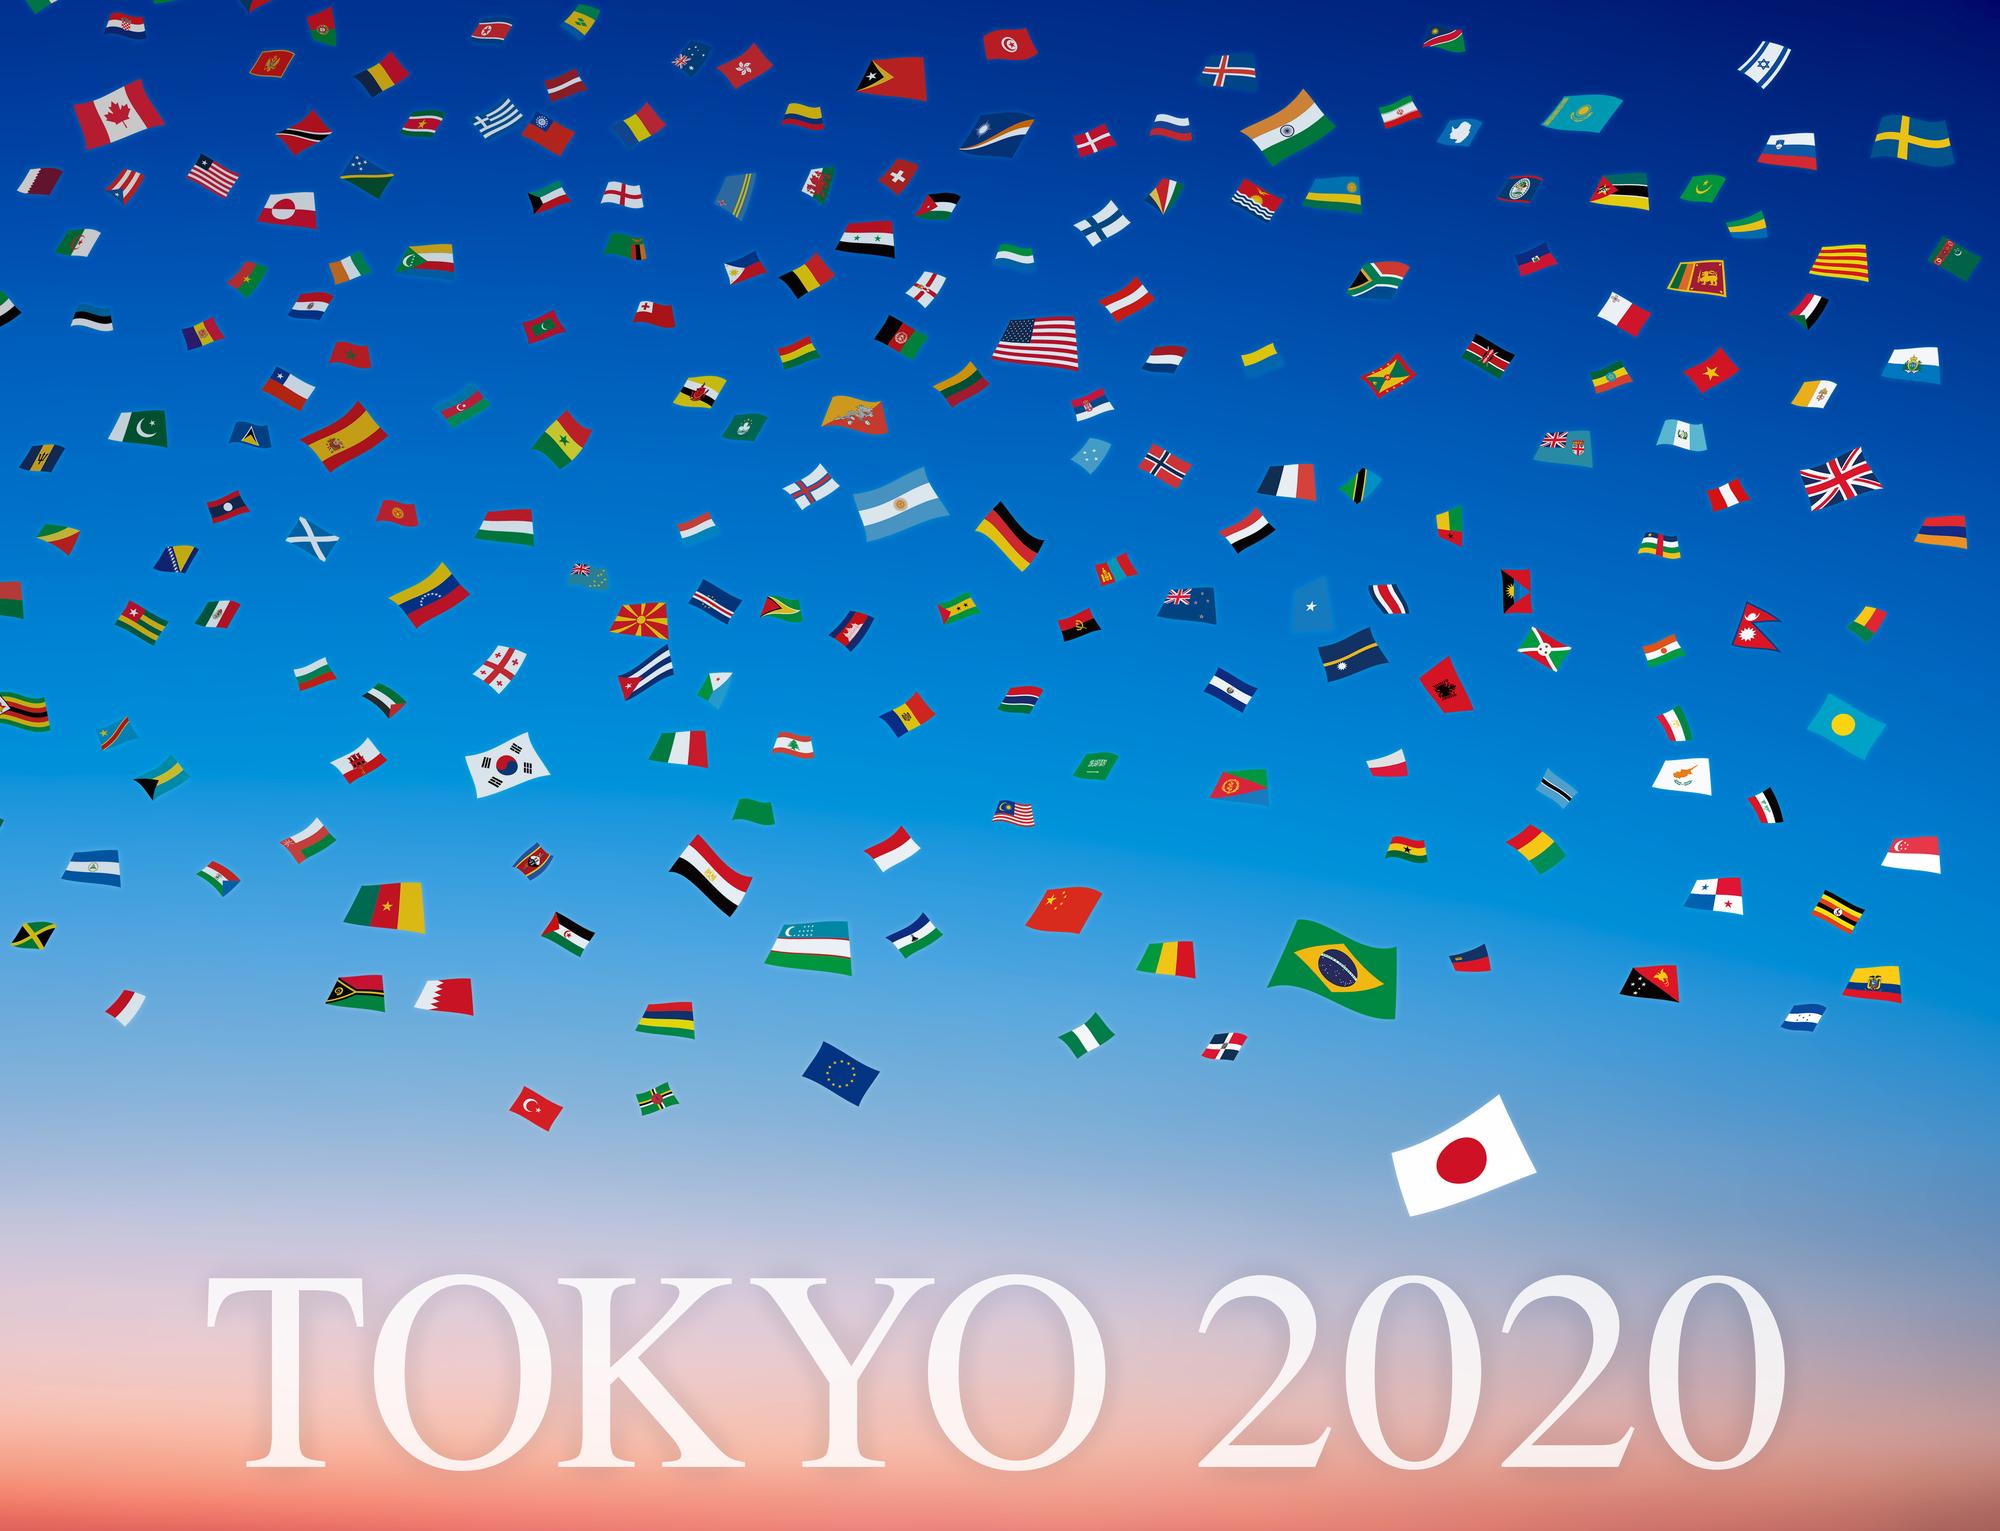 画像マネセツ101(奥田)/五輪放送権とジャパンC